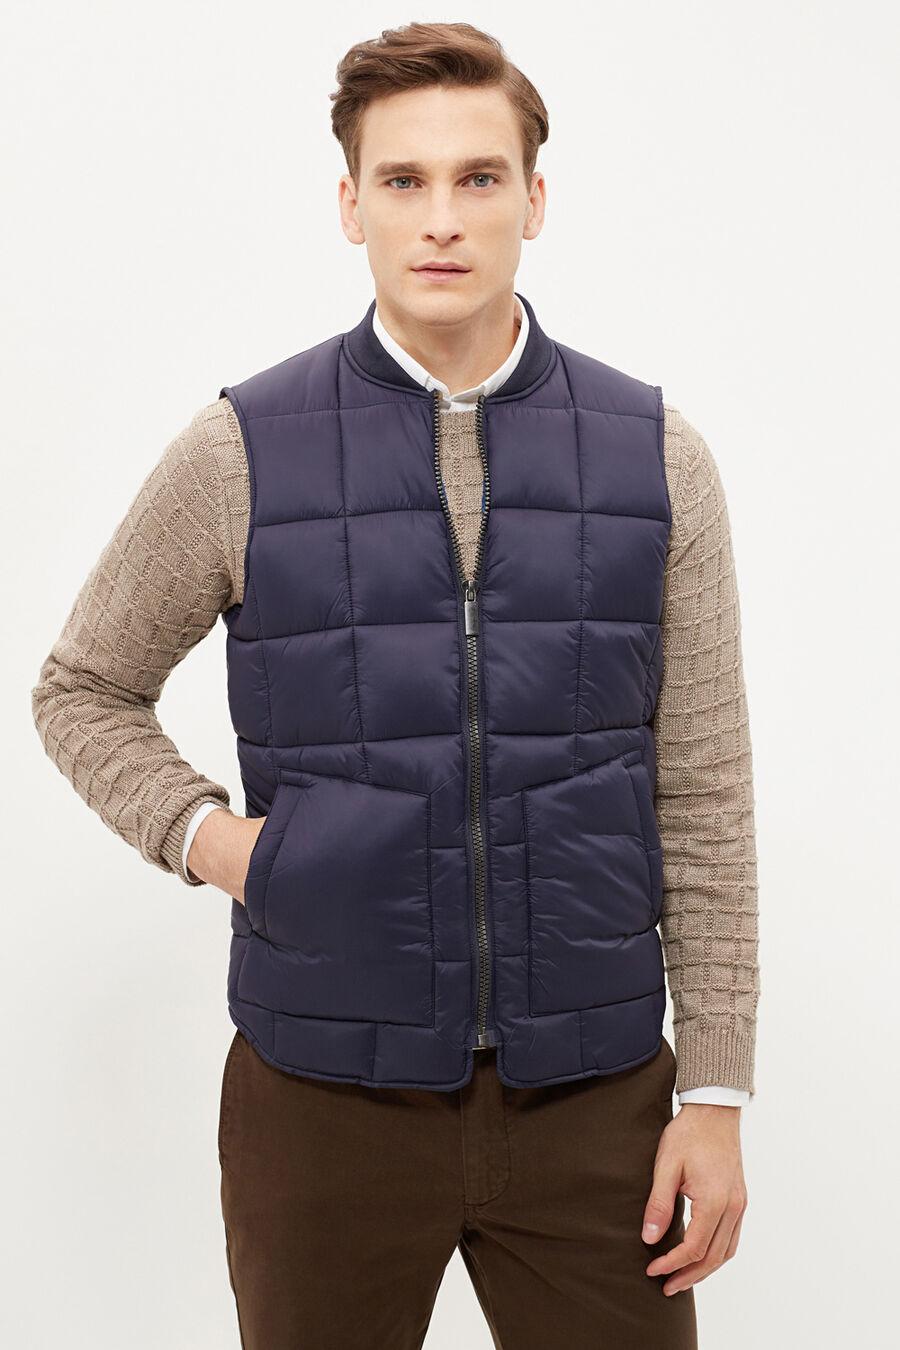 Light vest